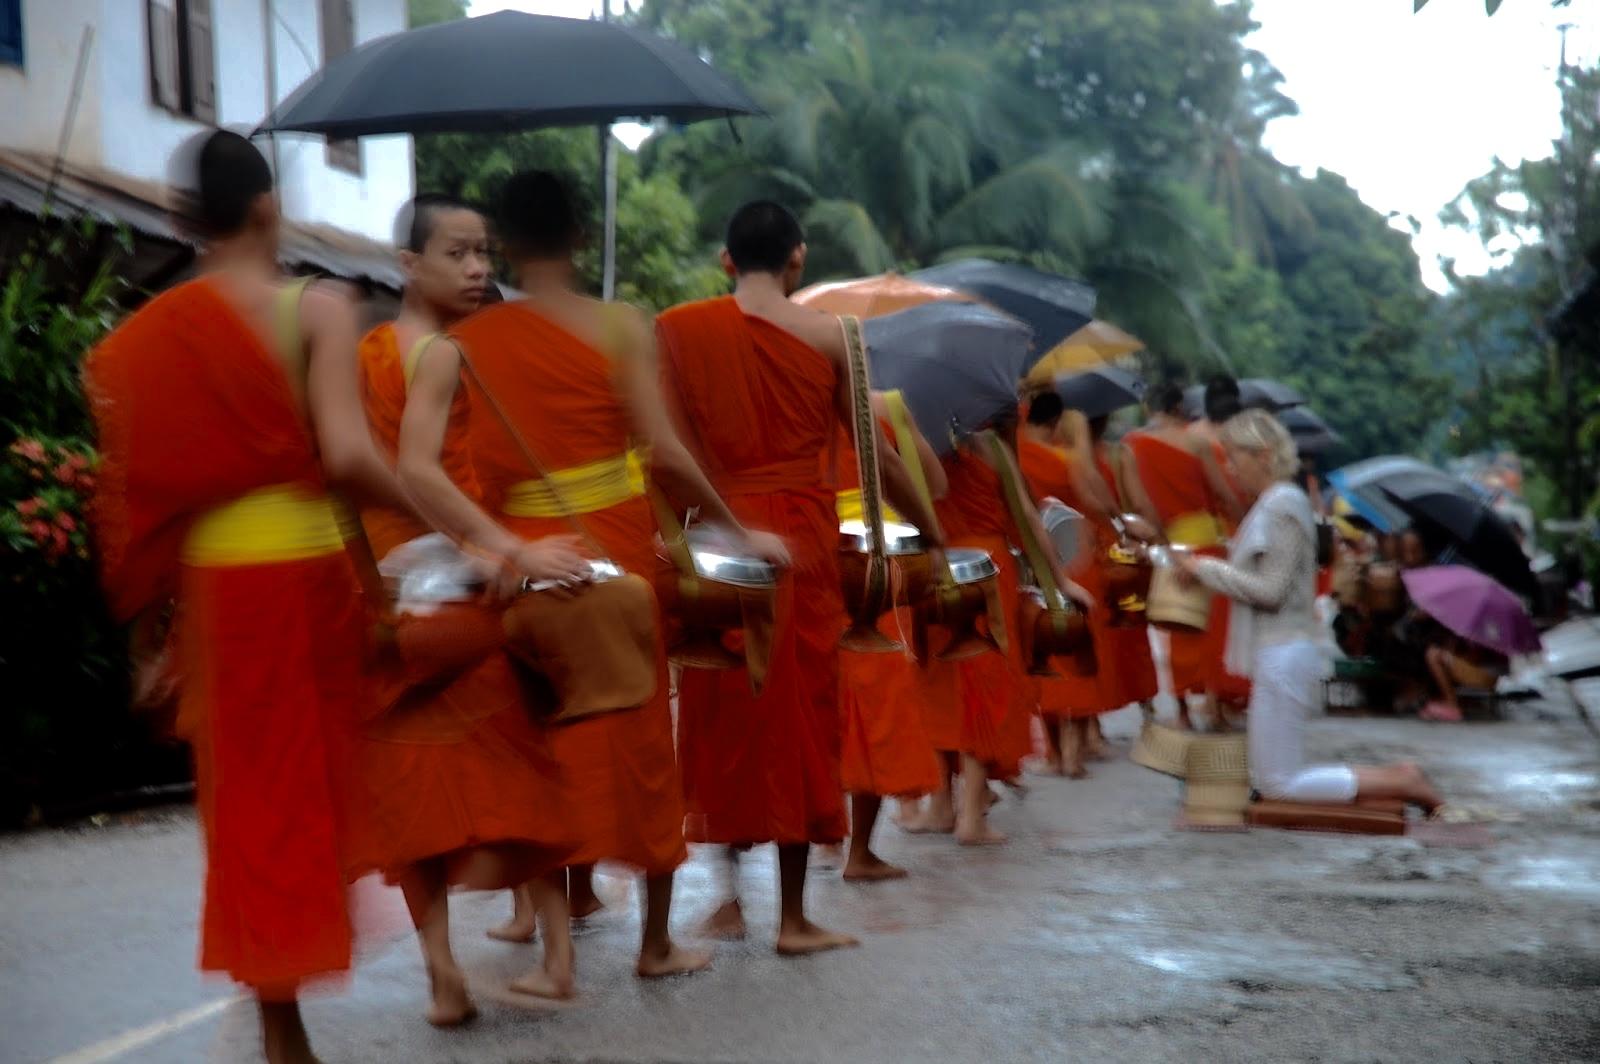 Luang Prabang, Laos 2013